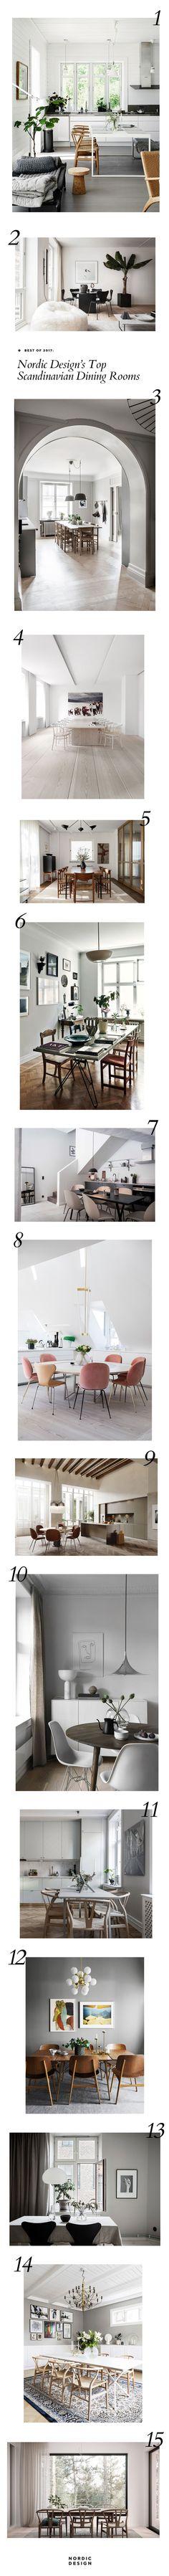 Best of 2017: Nordic Design's Top Scandinavian Dining Rooms | NORDIC DESIGN